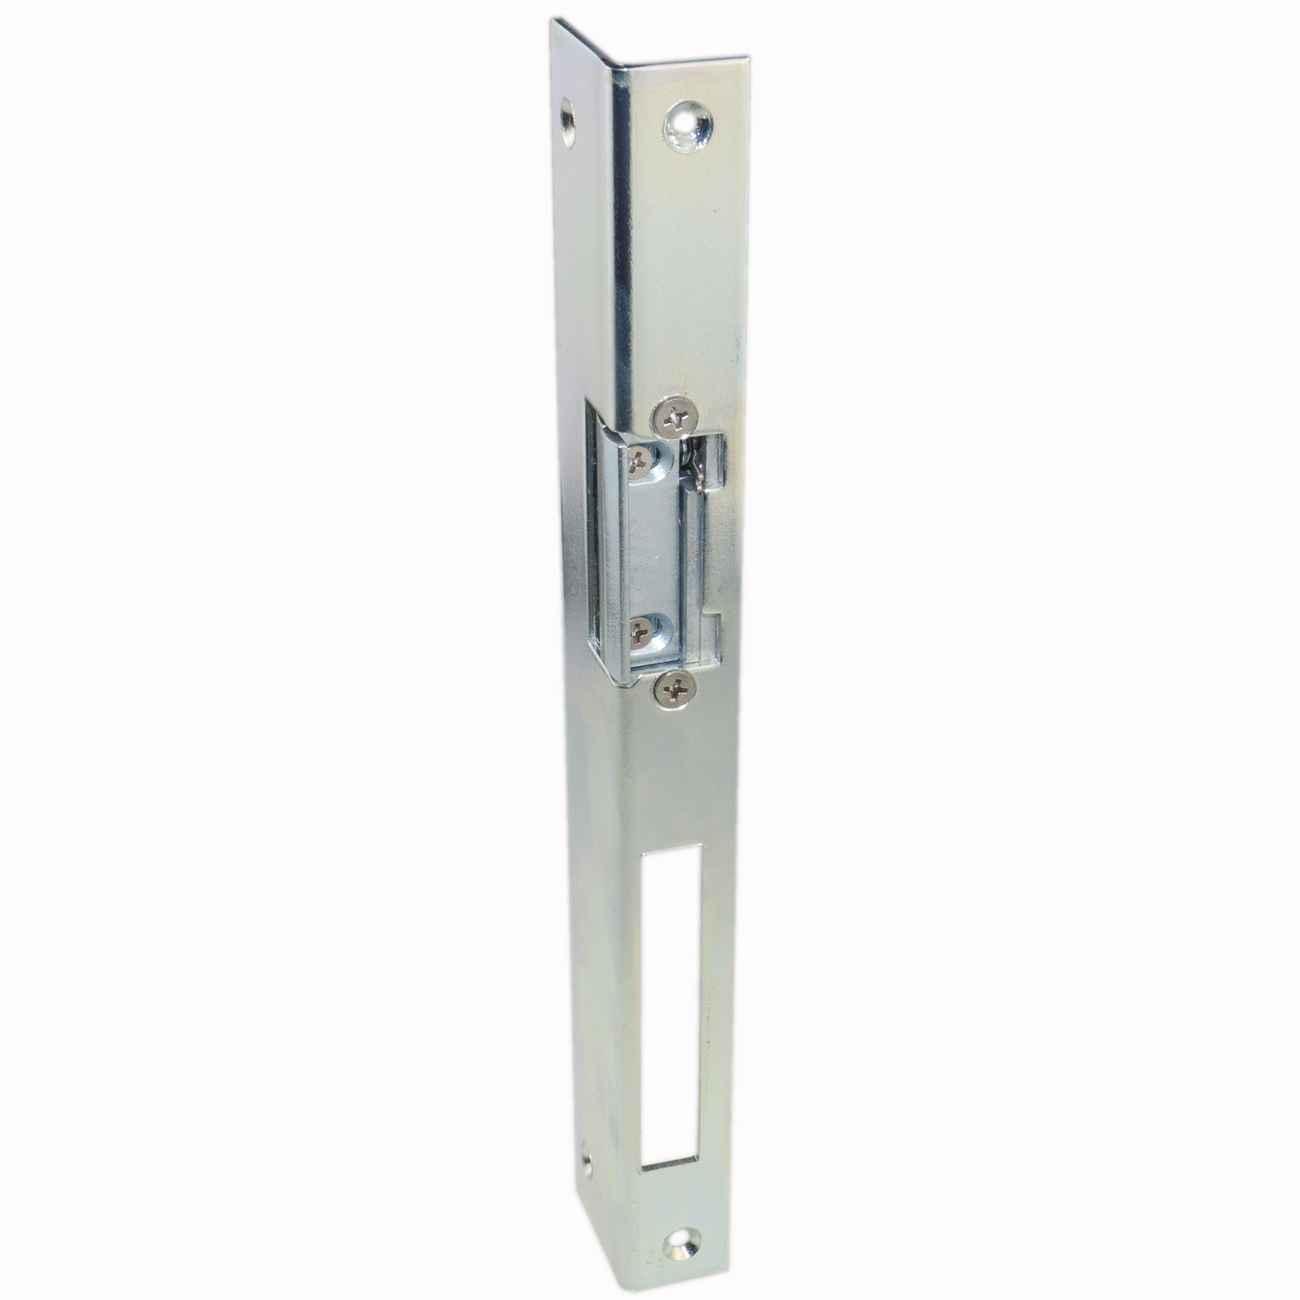 Elektrischer Türöffner Peso 351 AR mit Winkelblech Rechts, Entriegelungshebel, 6 - 12 Volt – Bild 1